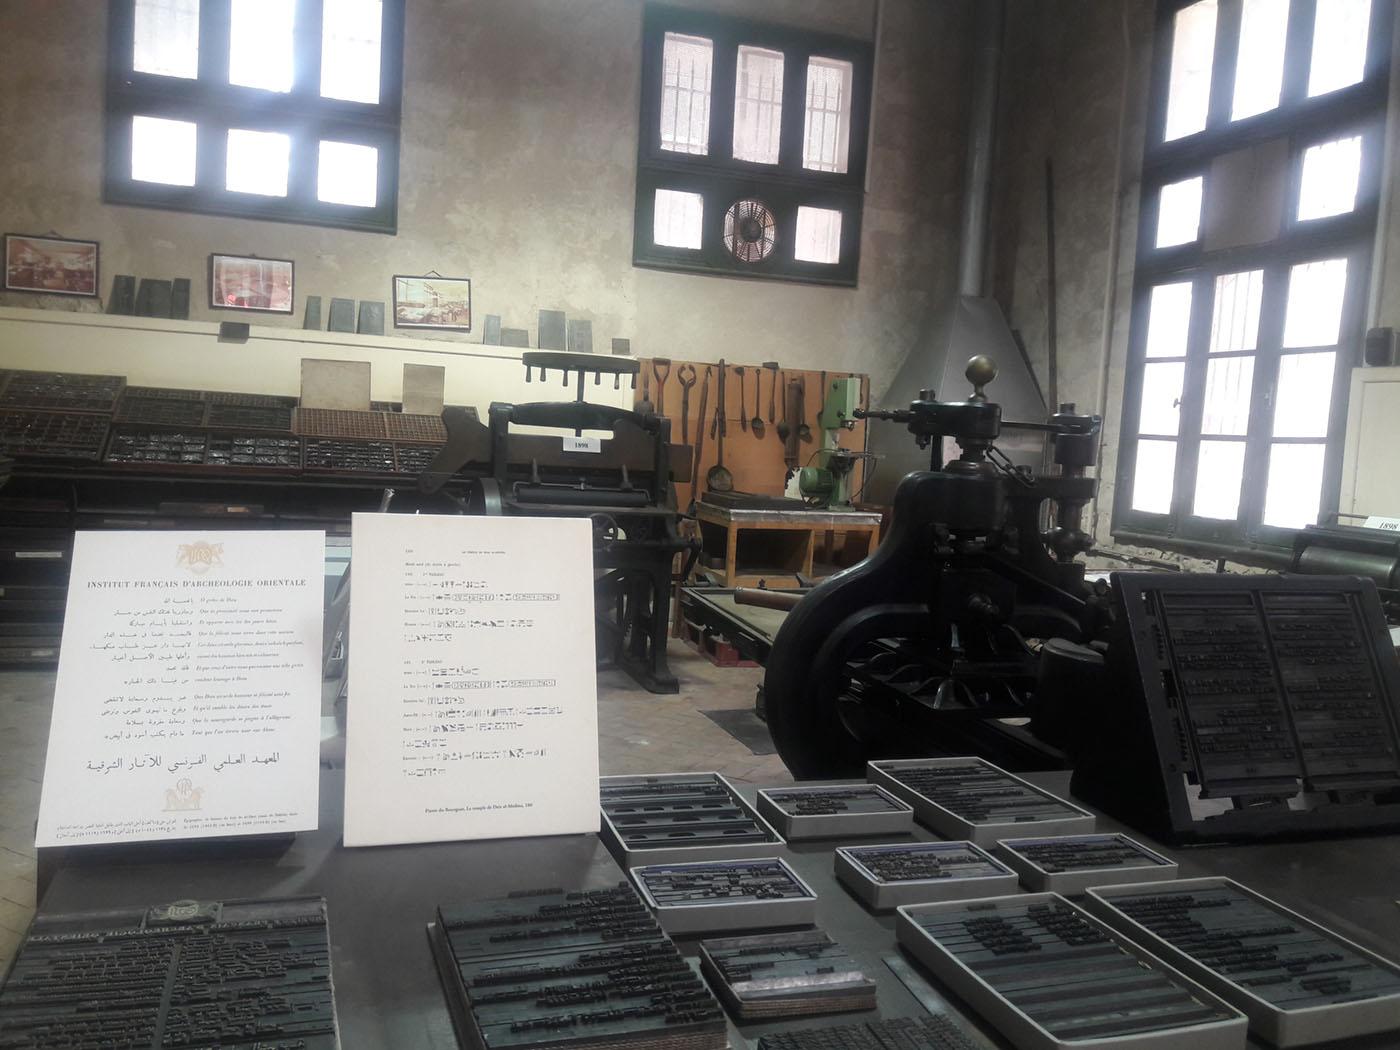 المطبعة بحالها منذ العام 1907